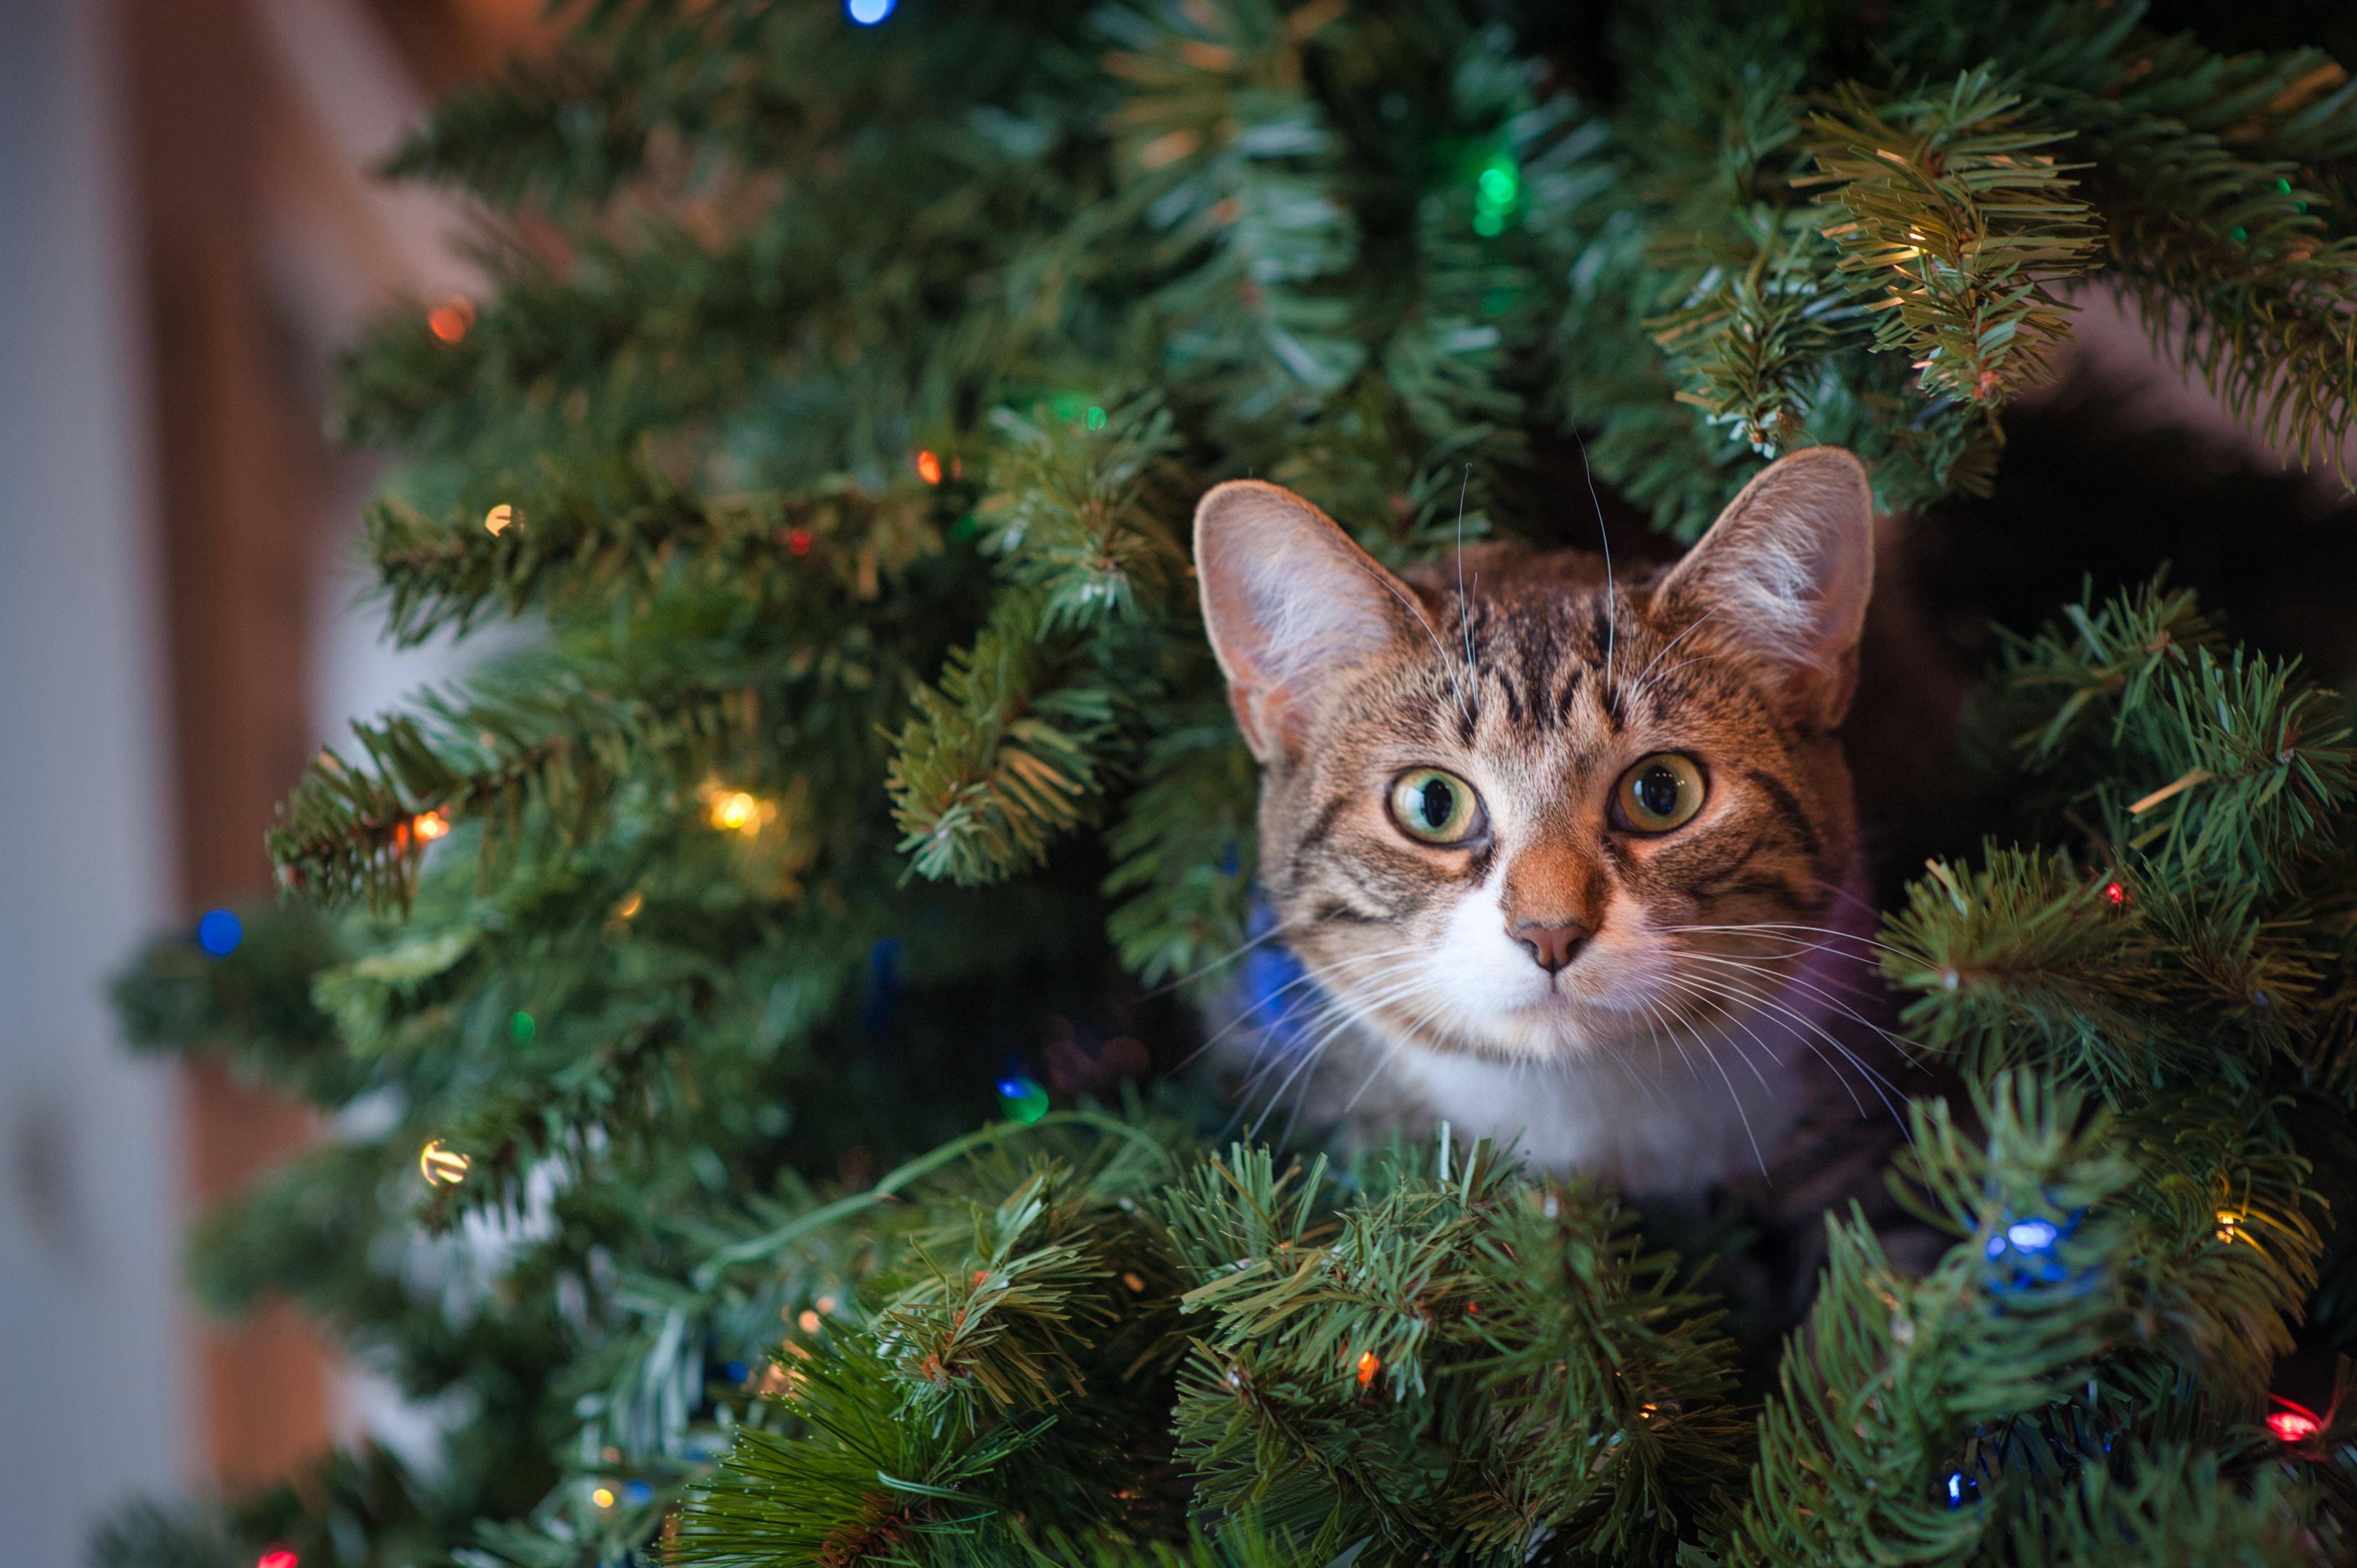 101500 Hintergrundbild herunterladen Katze, Tiere, Neujahr, Der Kater, Neues Jahr, Haustier, Sicht, Meinung, Weihnachtsbaum - Bildschirmschoner und Bilder kostenlos